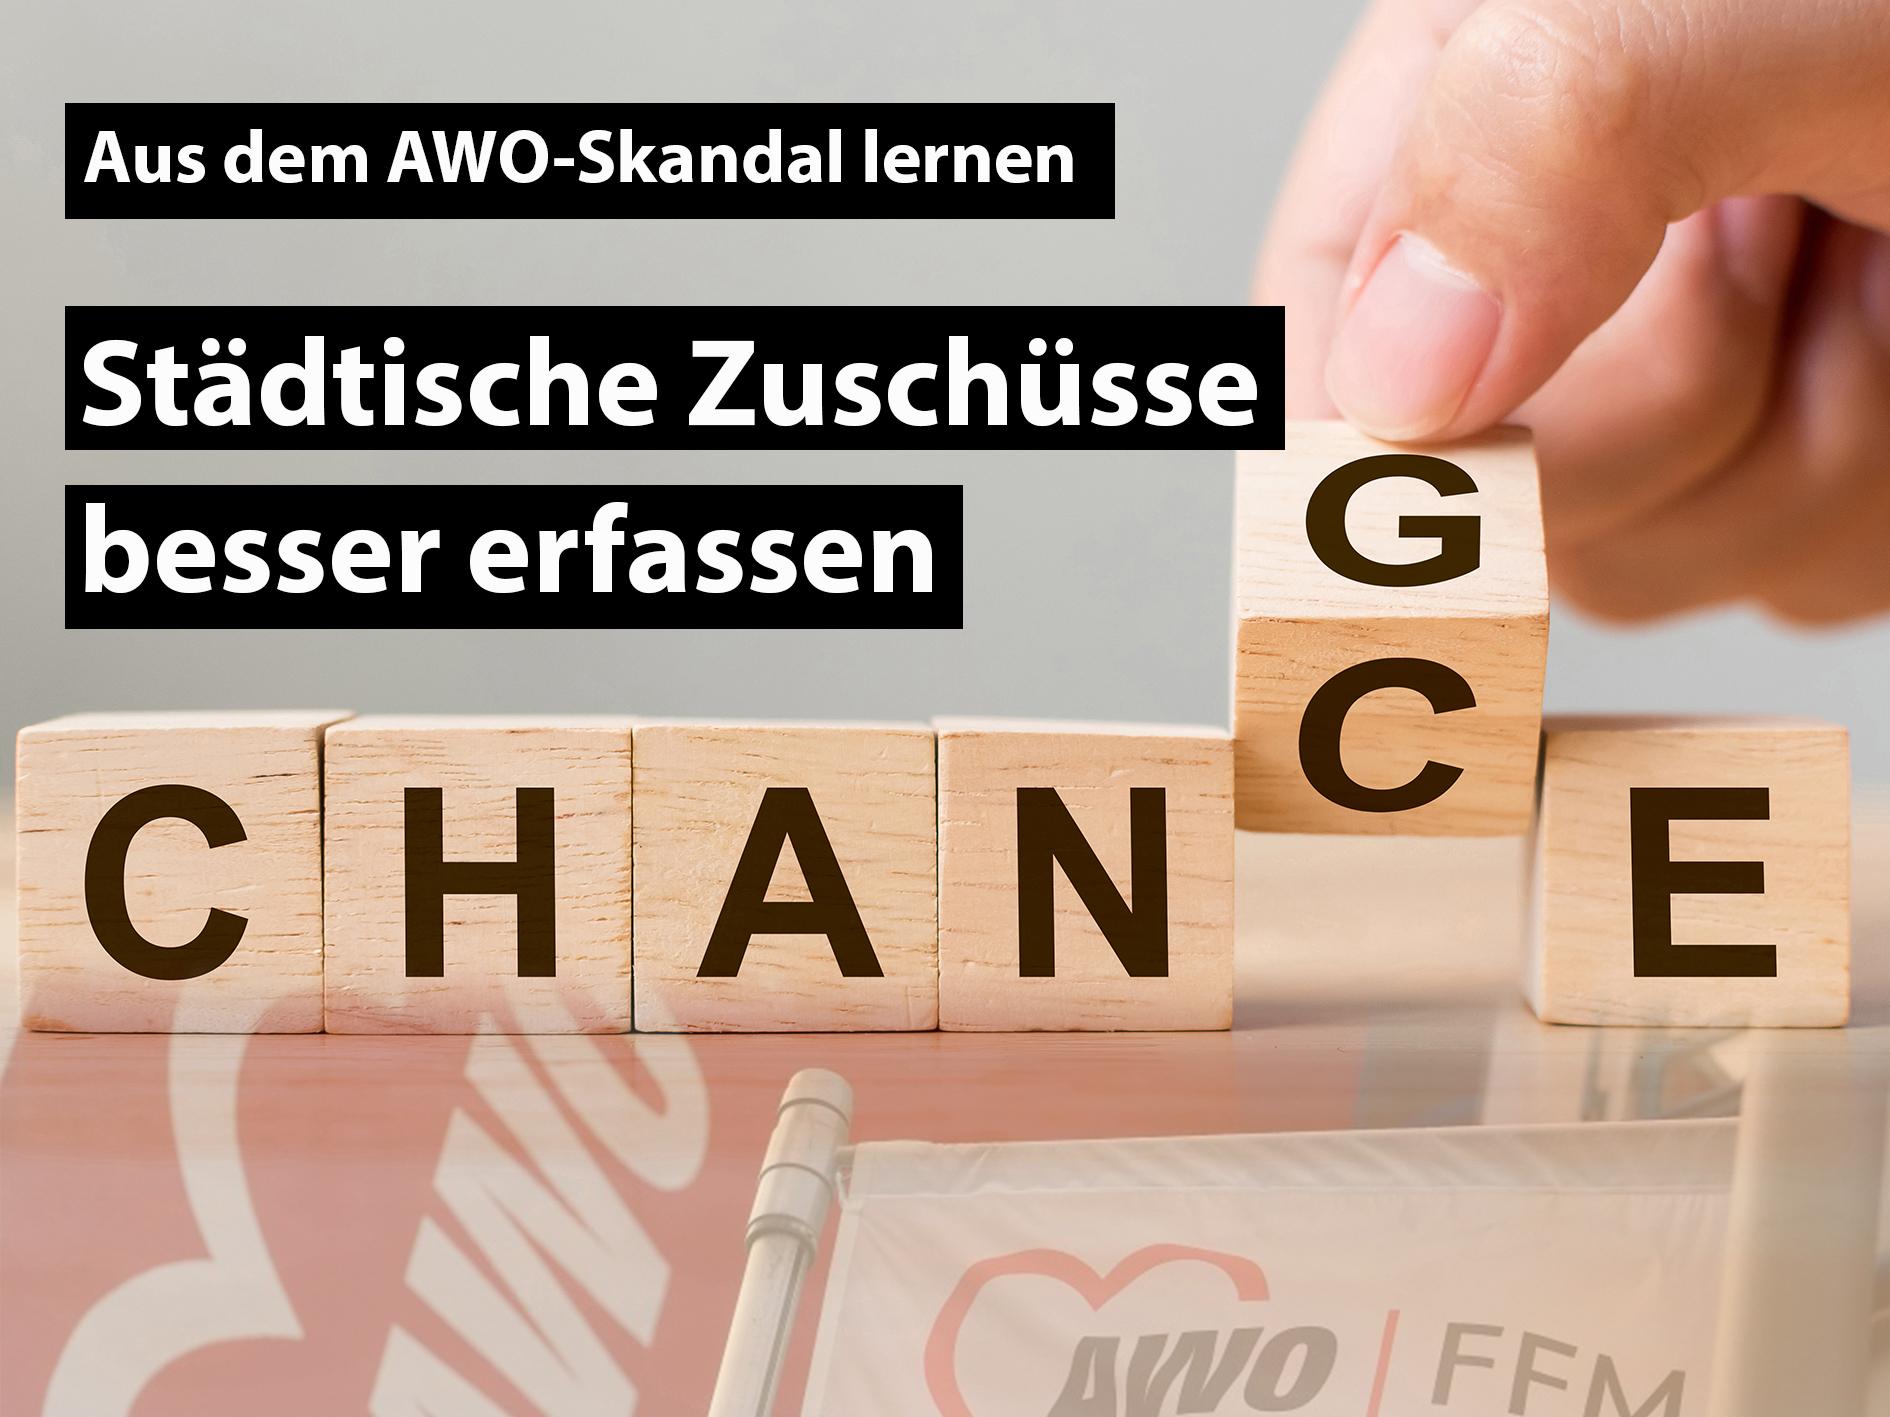 Chance - Change - Buchstaben - Collage